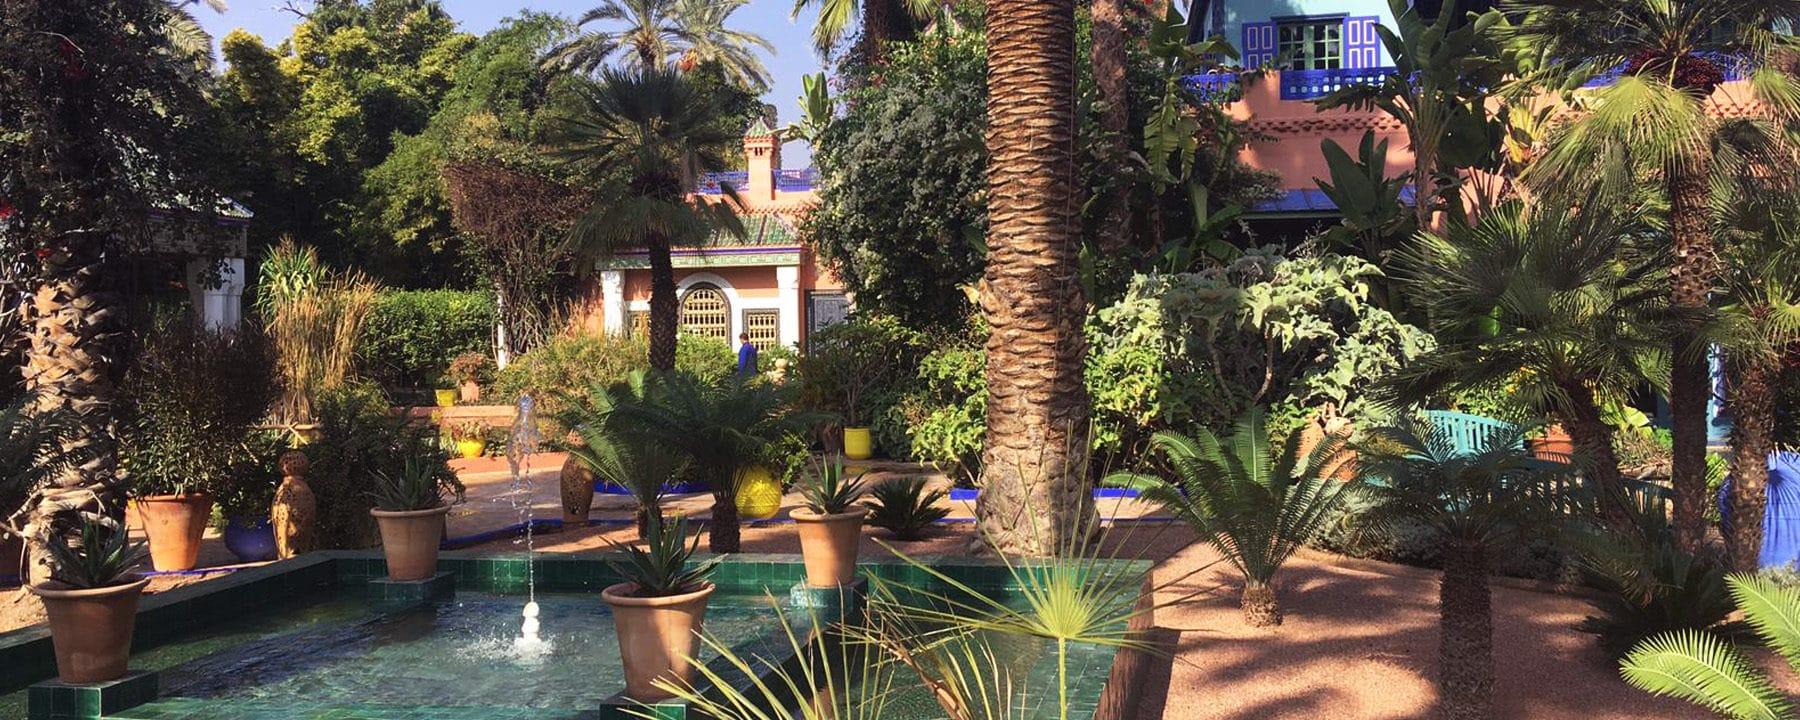 Jardin Majorelle Marrakech_Marrakech Essaouira_Source NOSADE